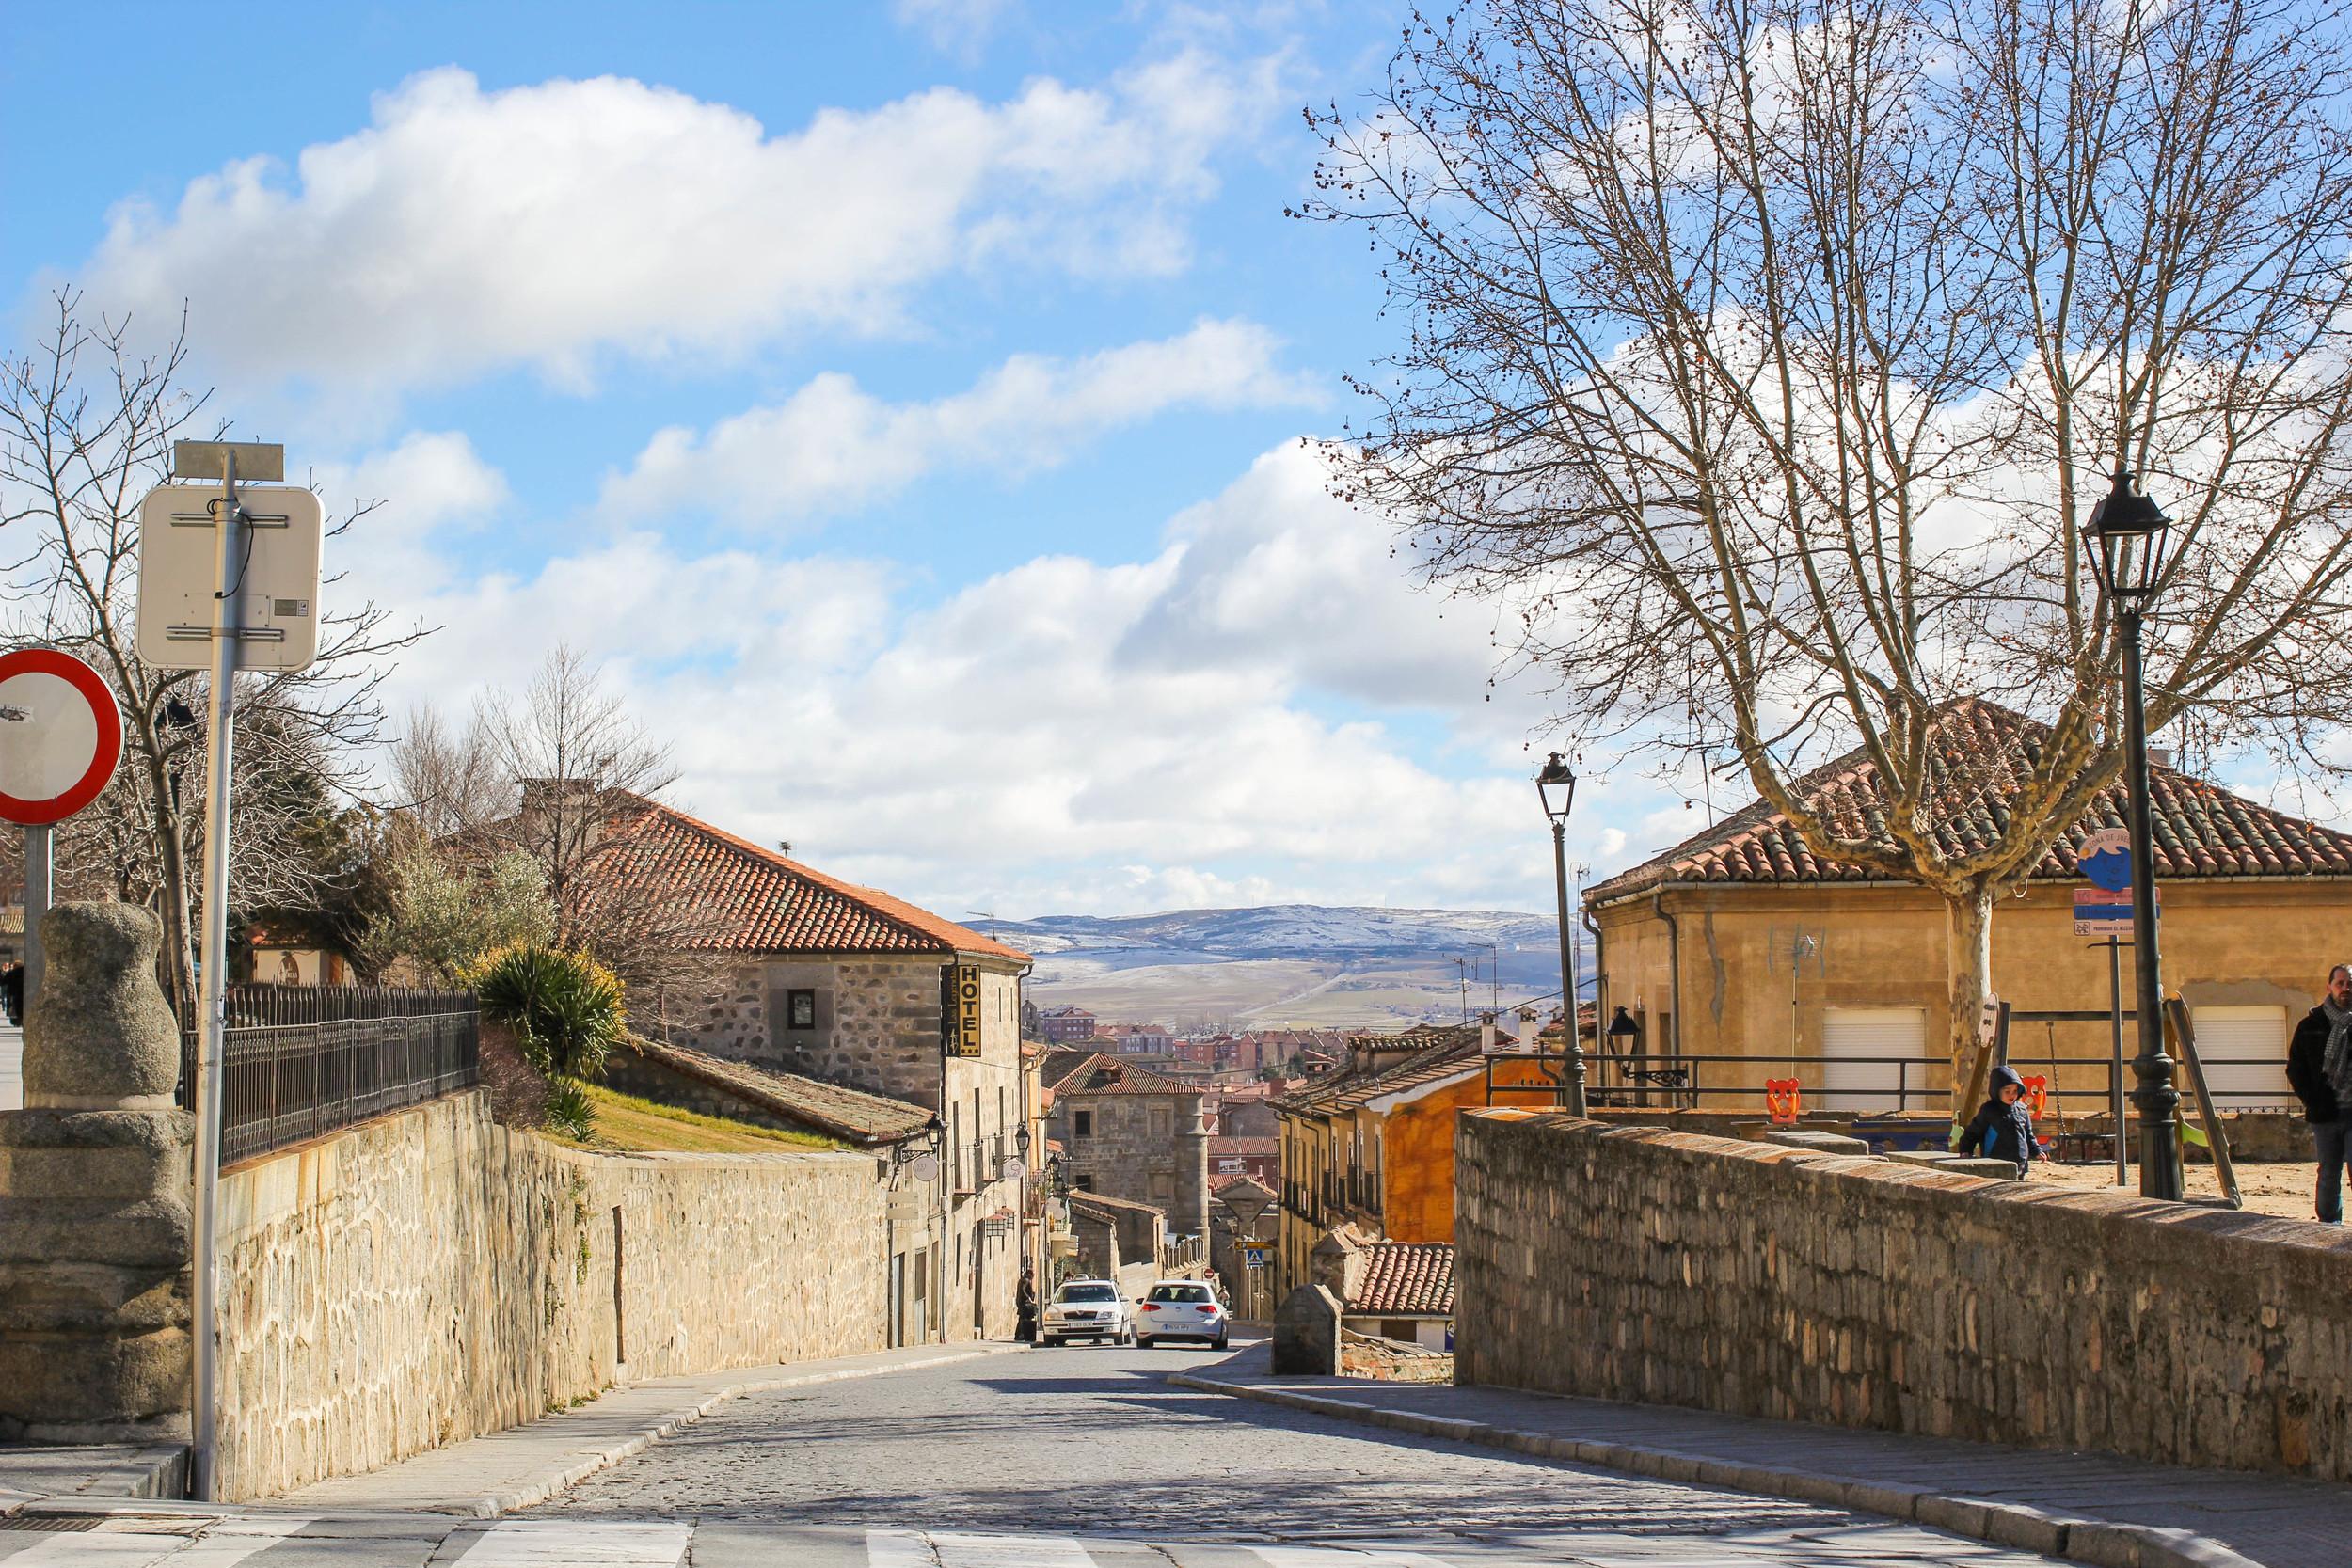 Avila_Spain-59.jpg